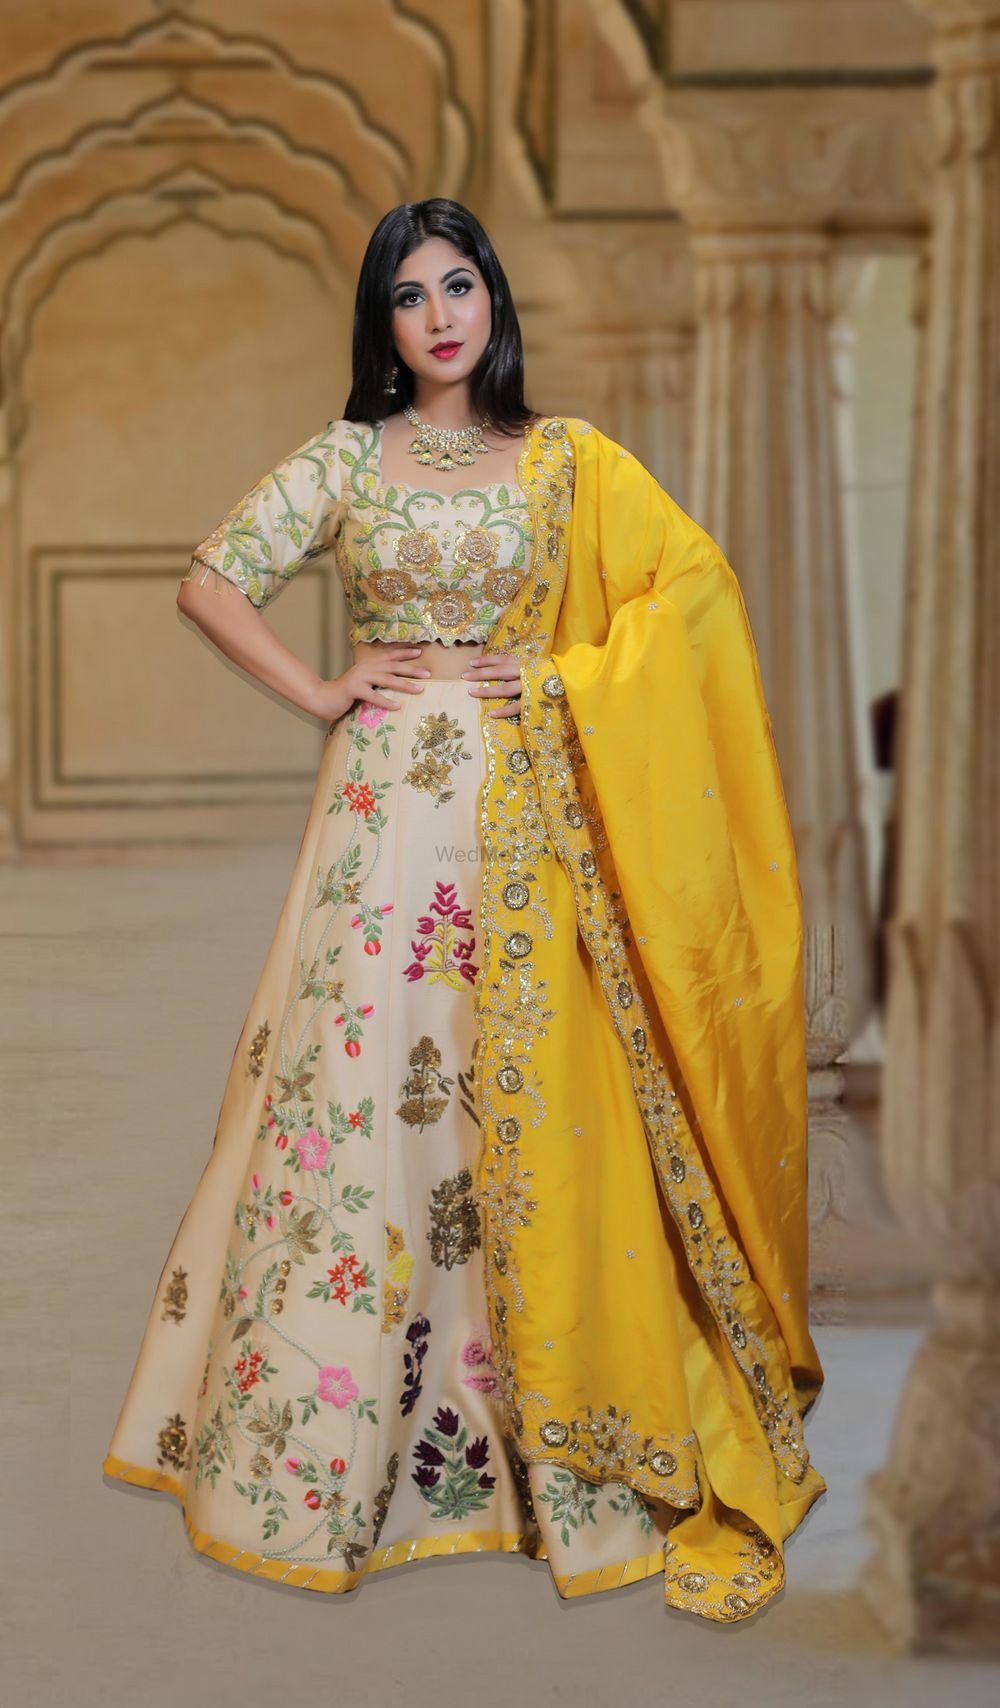 Photo From Maharani Bride Collection - By Kala Shree Regalia